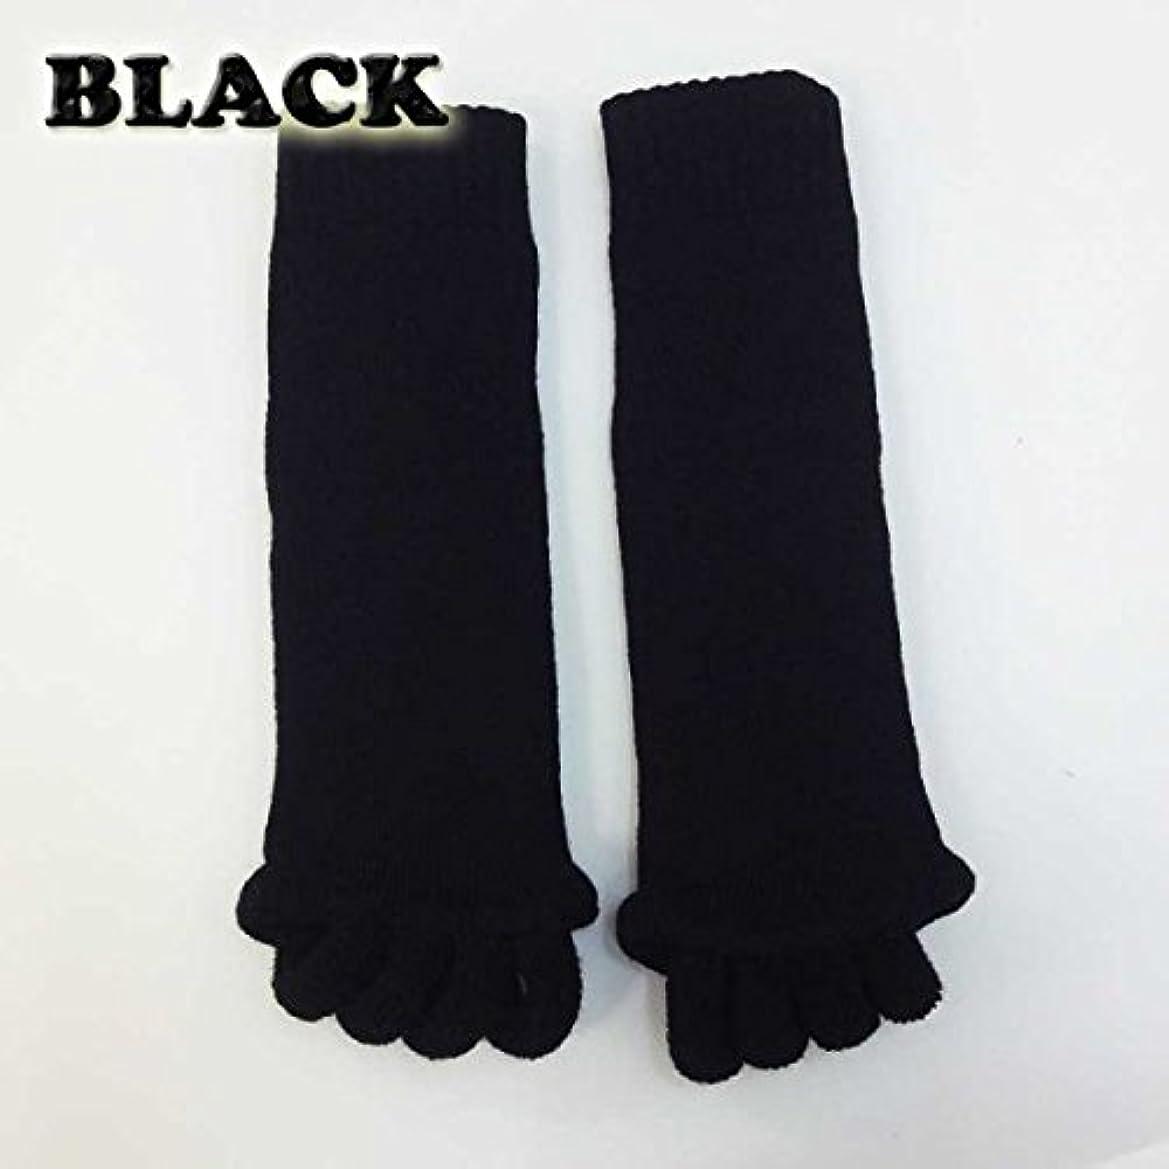 生きる変な家庭教師足指開きソックス (左右1組) 履くだけ 簡単 フットケア リラックス むくみ (ブラック)